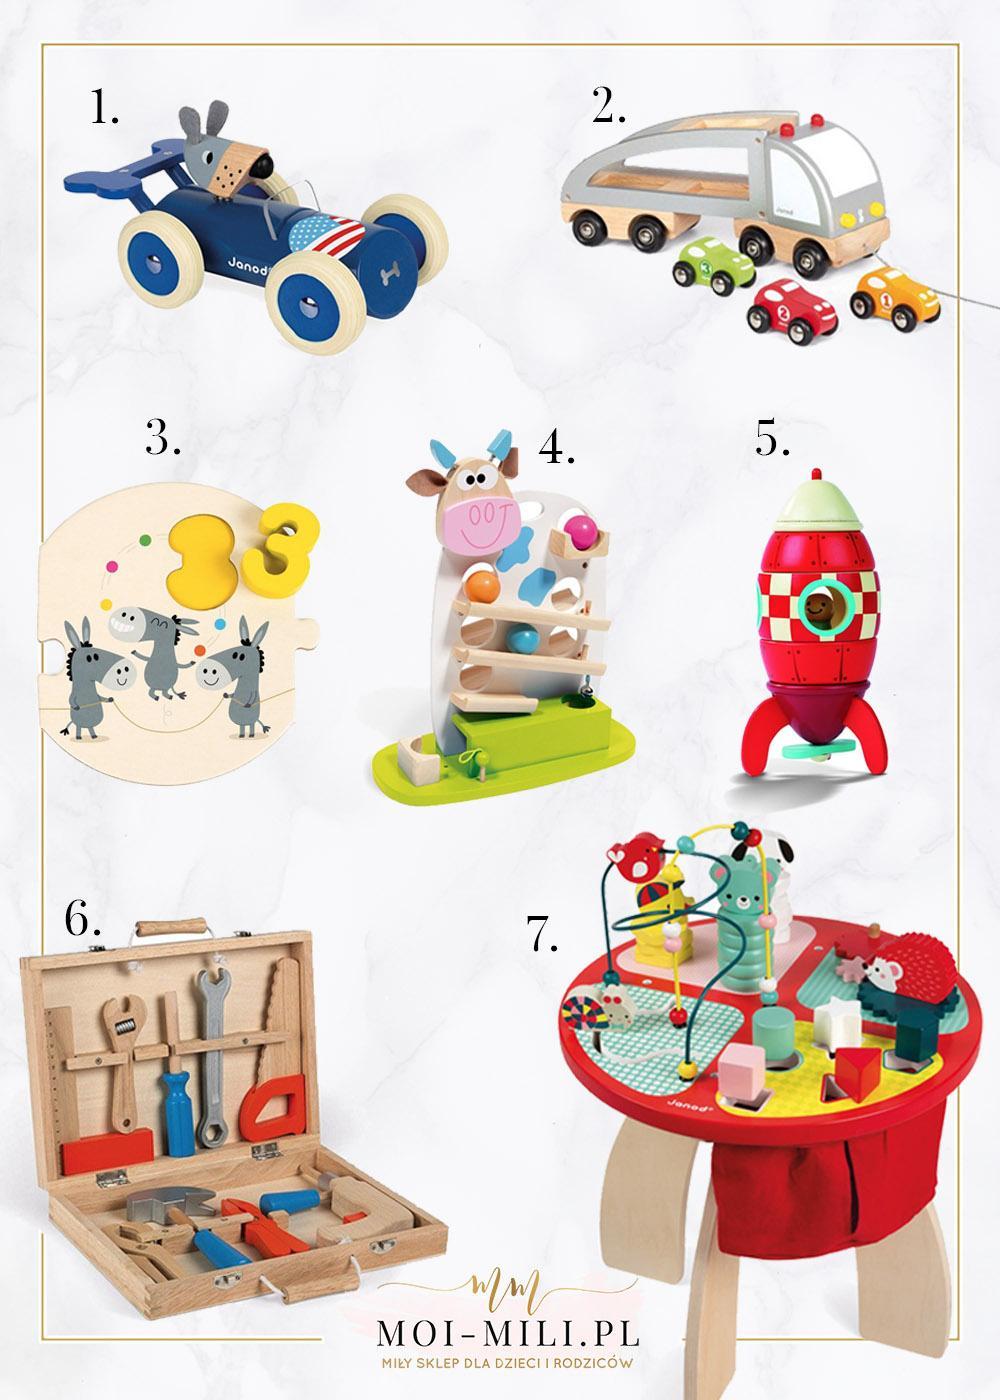 Drewniane zabawki to bardzo dobry prezent dla 2 latka.